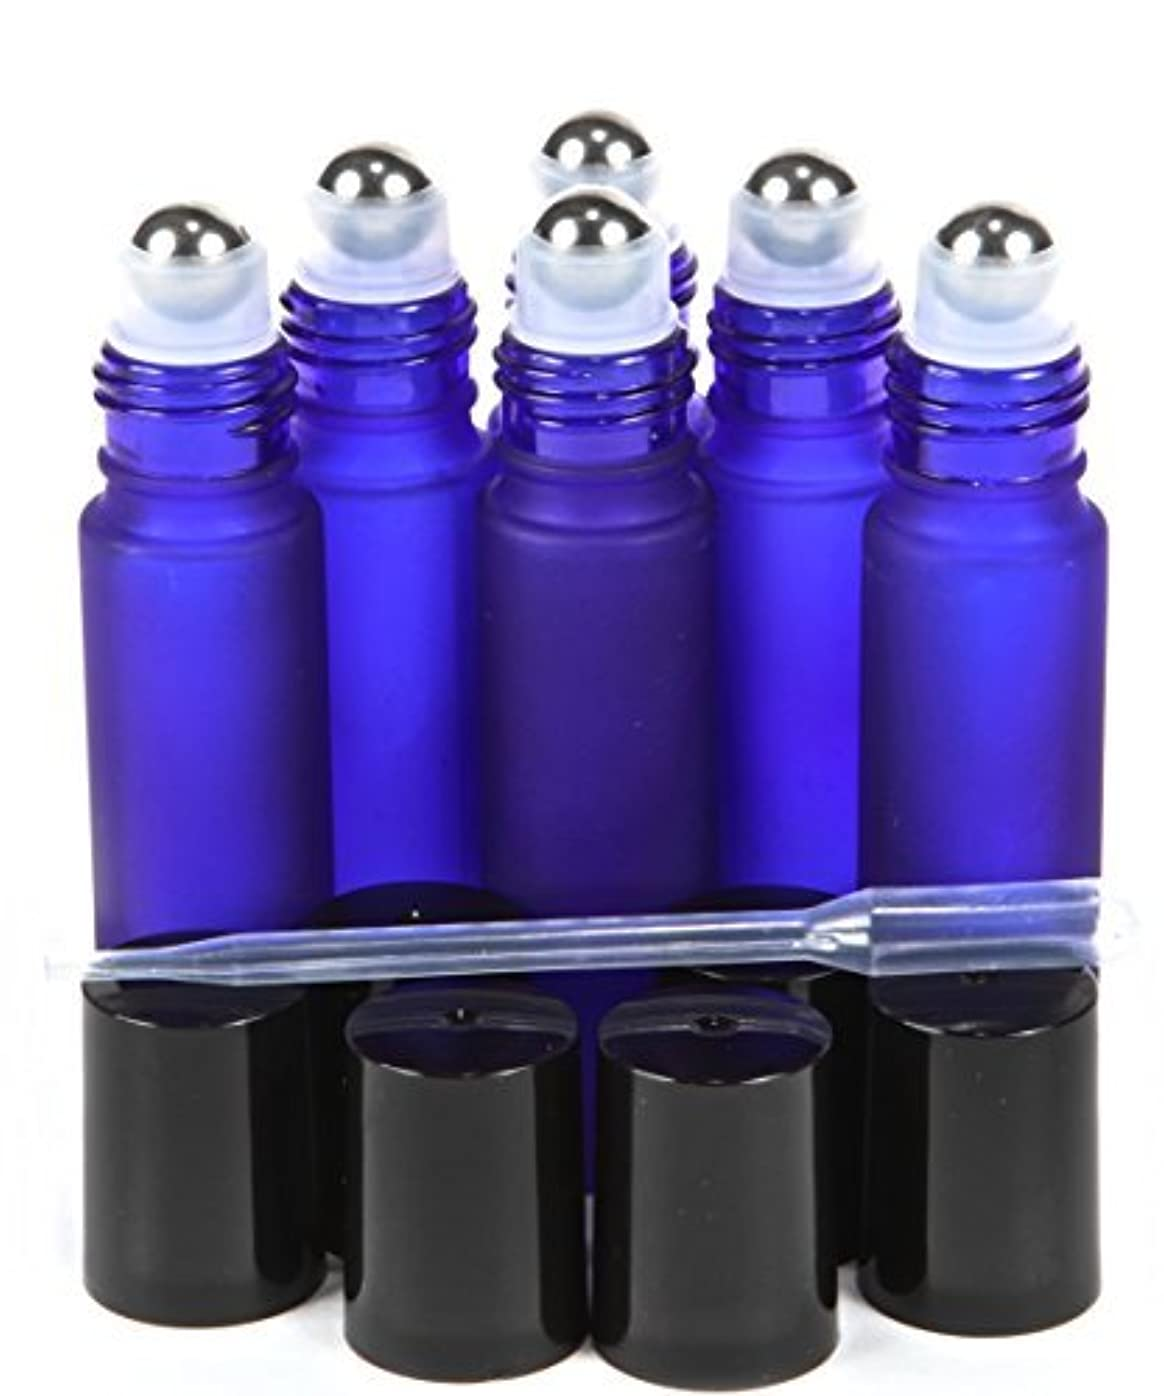 子供時代タオル剪断6, Frosted, Cobalt Blue, 10 ml Glass Roll-on Bottles with Stainless Steel Roller Balls - .5 ml Dropper Included [並行輸入品]